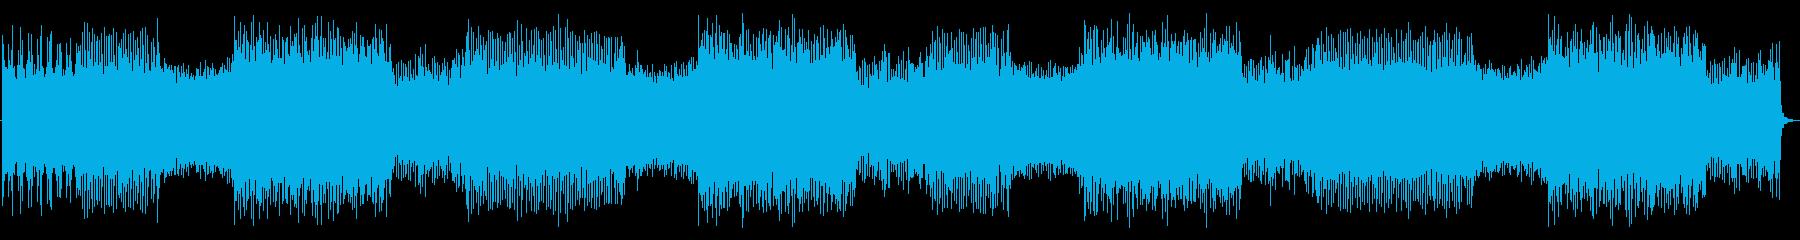 アクションゲーム等BGM(戦闘曲5)の再生済みの波形